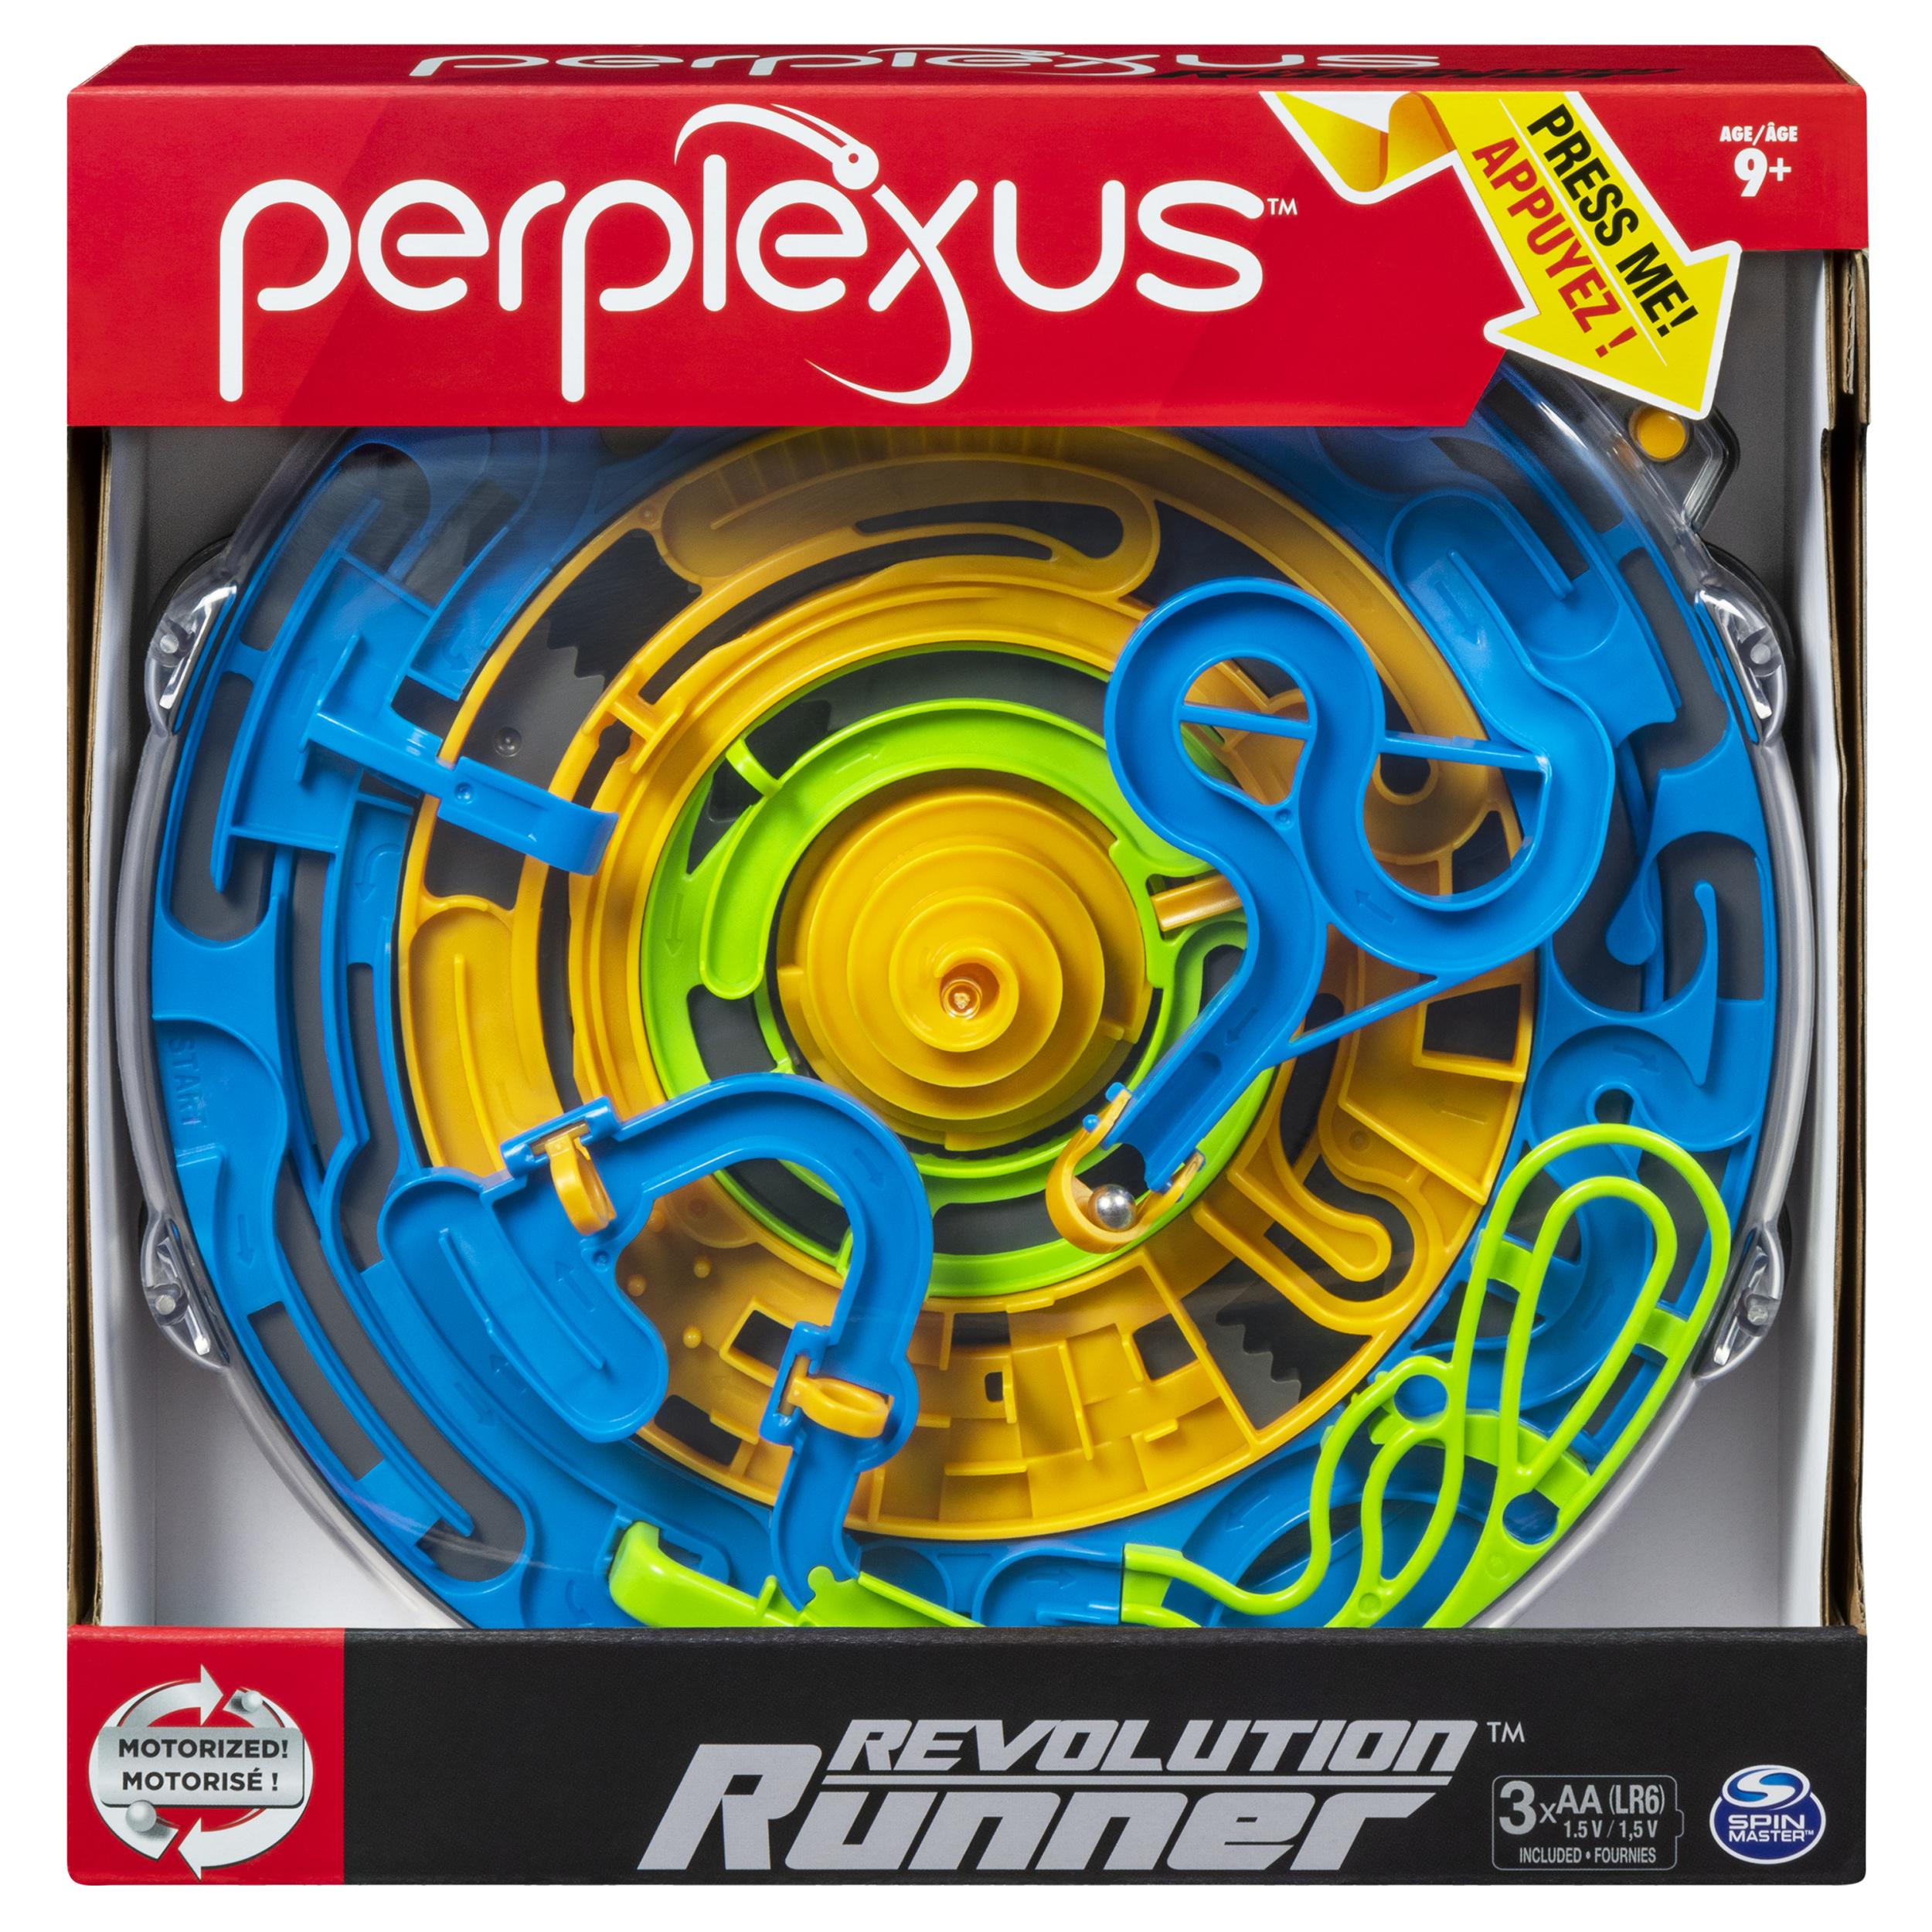 Perplexus 3D Maze Game ONLY $1...